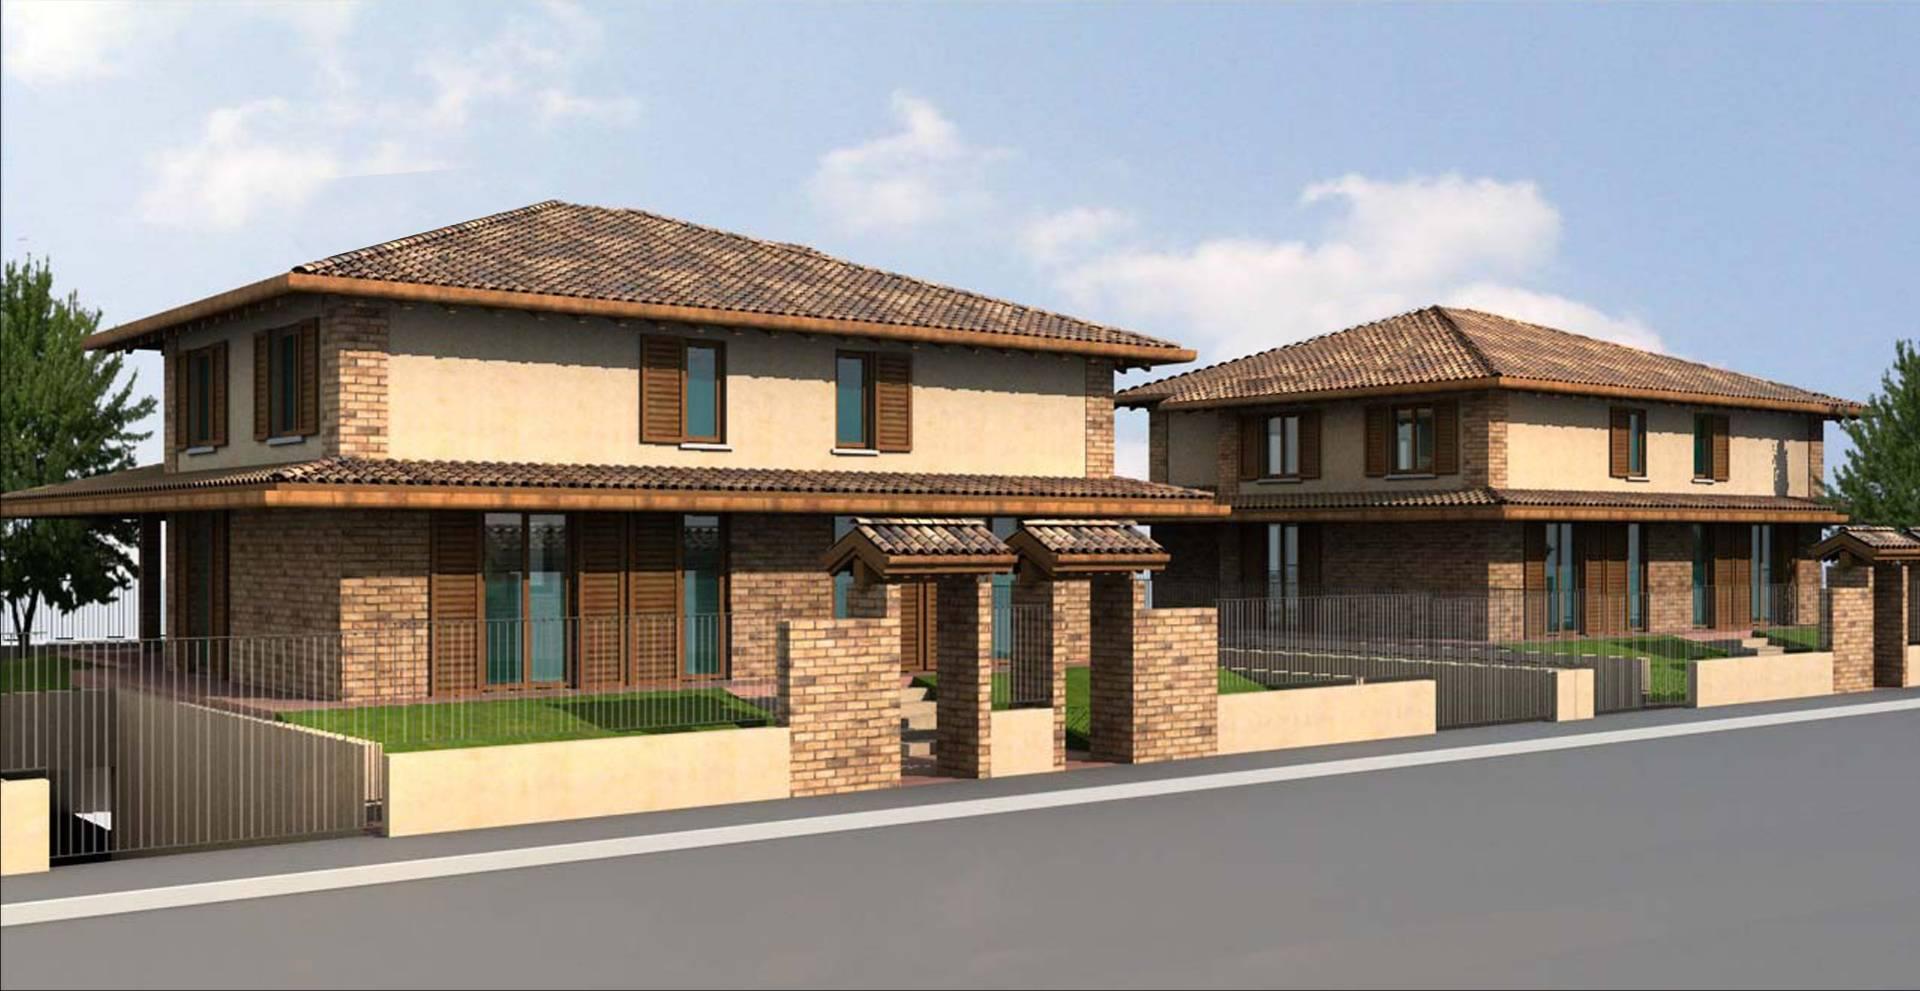 Villa Bifamiliare in vendita a Galgagnano, 4 locali, prezzo € 320.000 | Cambio Casa.it